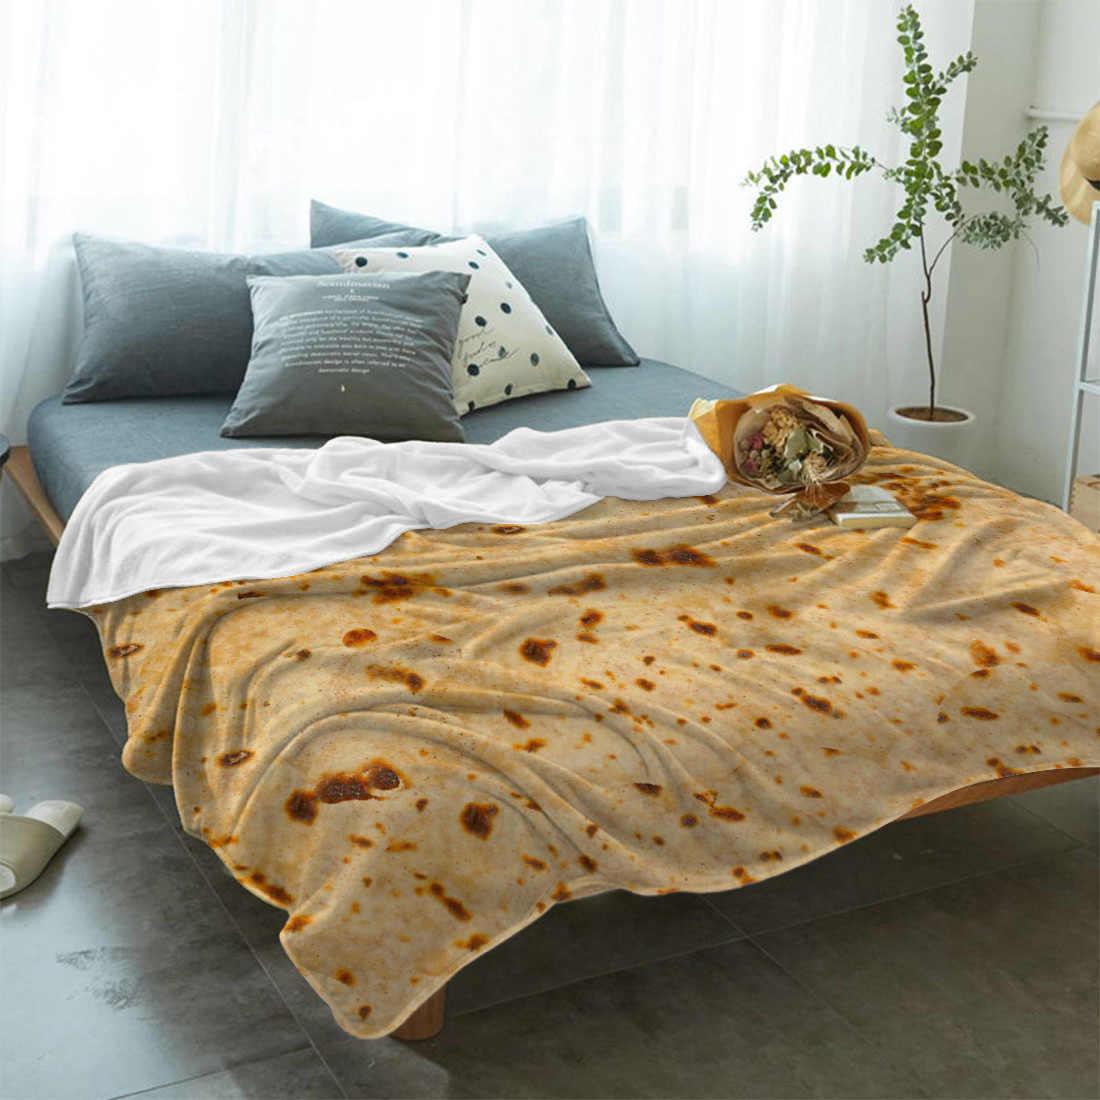 Full Size of Tortilla Mehl Herzhaften Lustige Gedruckt Lebensmittel T Shirt Sprüche T Shirt Bettwäsche Wohnzimmer Bettwäsche Lustig